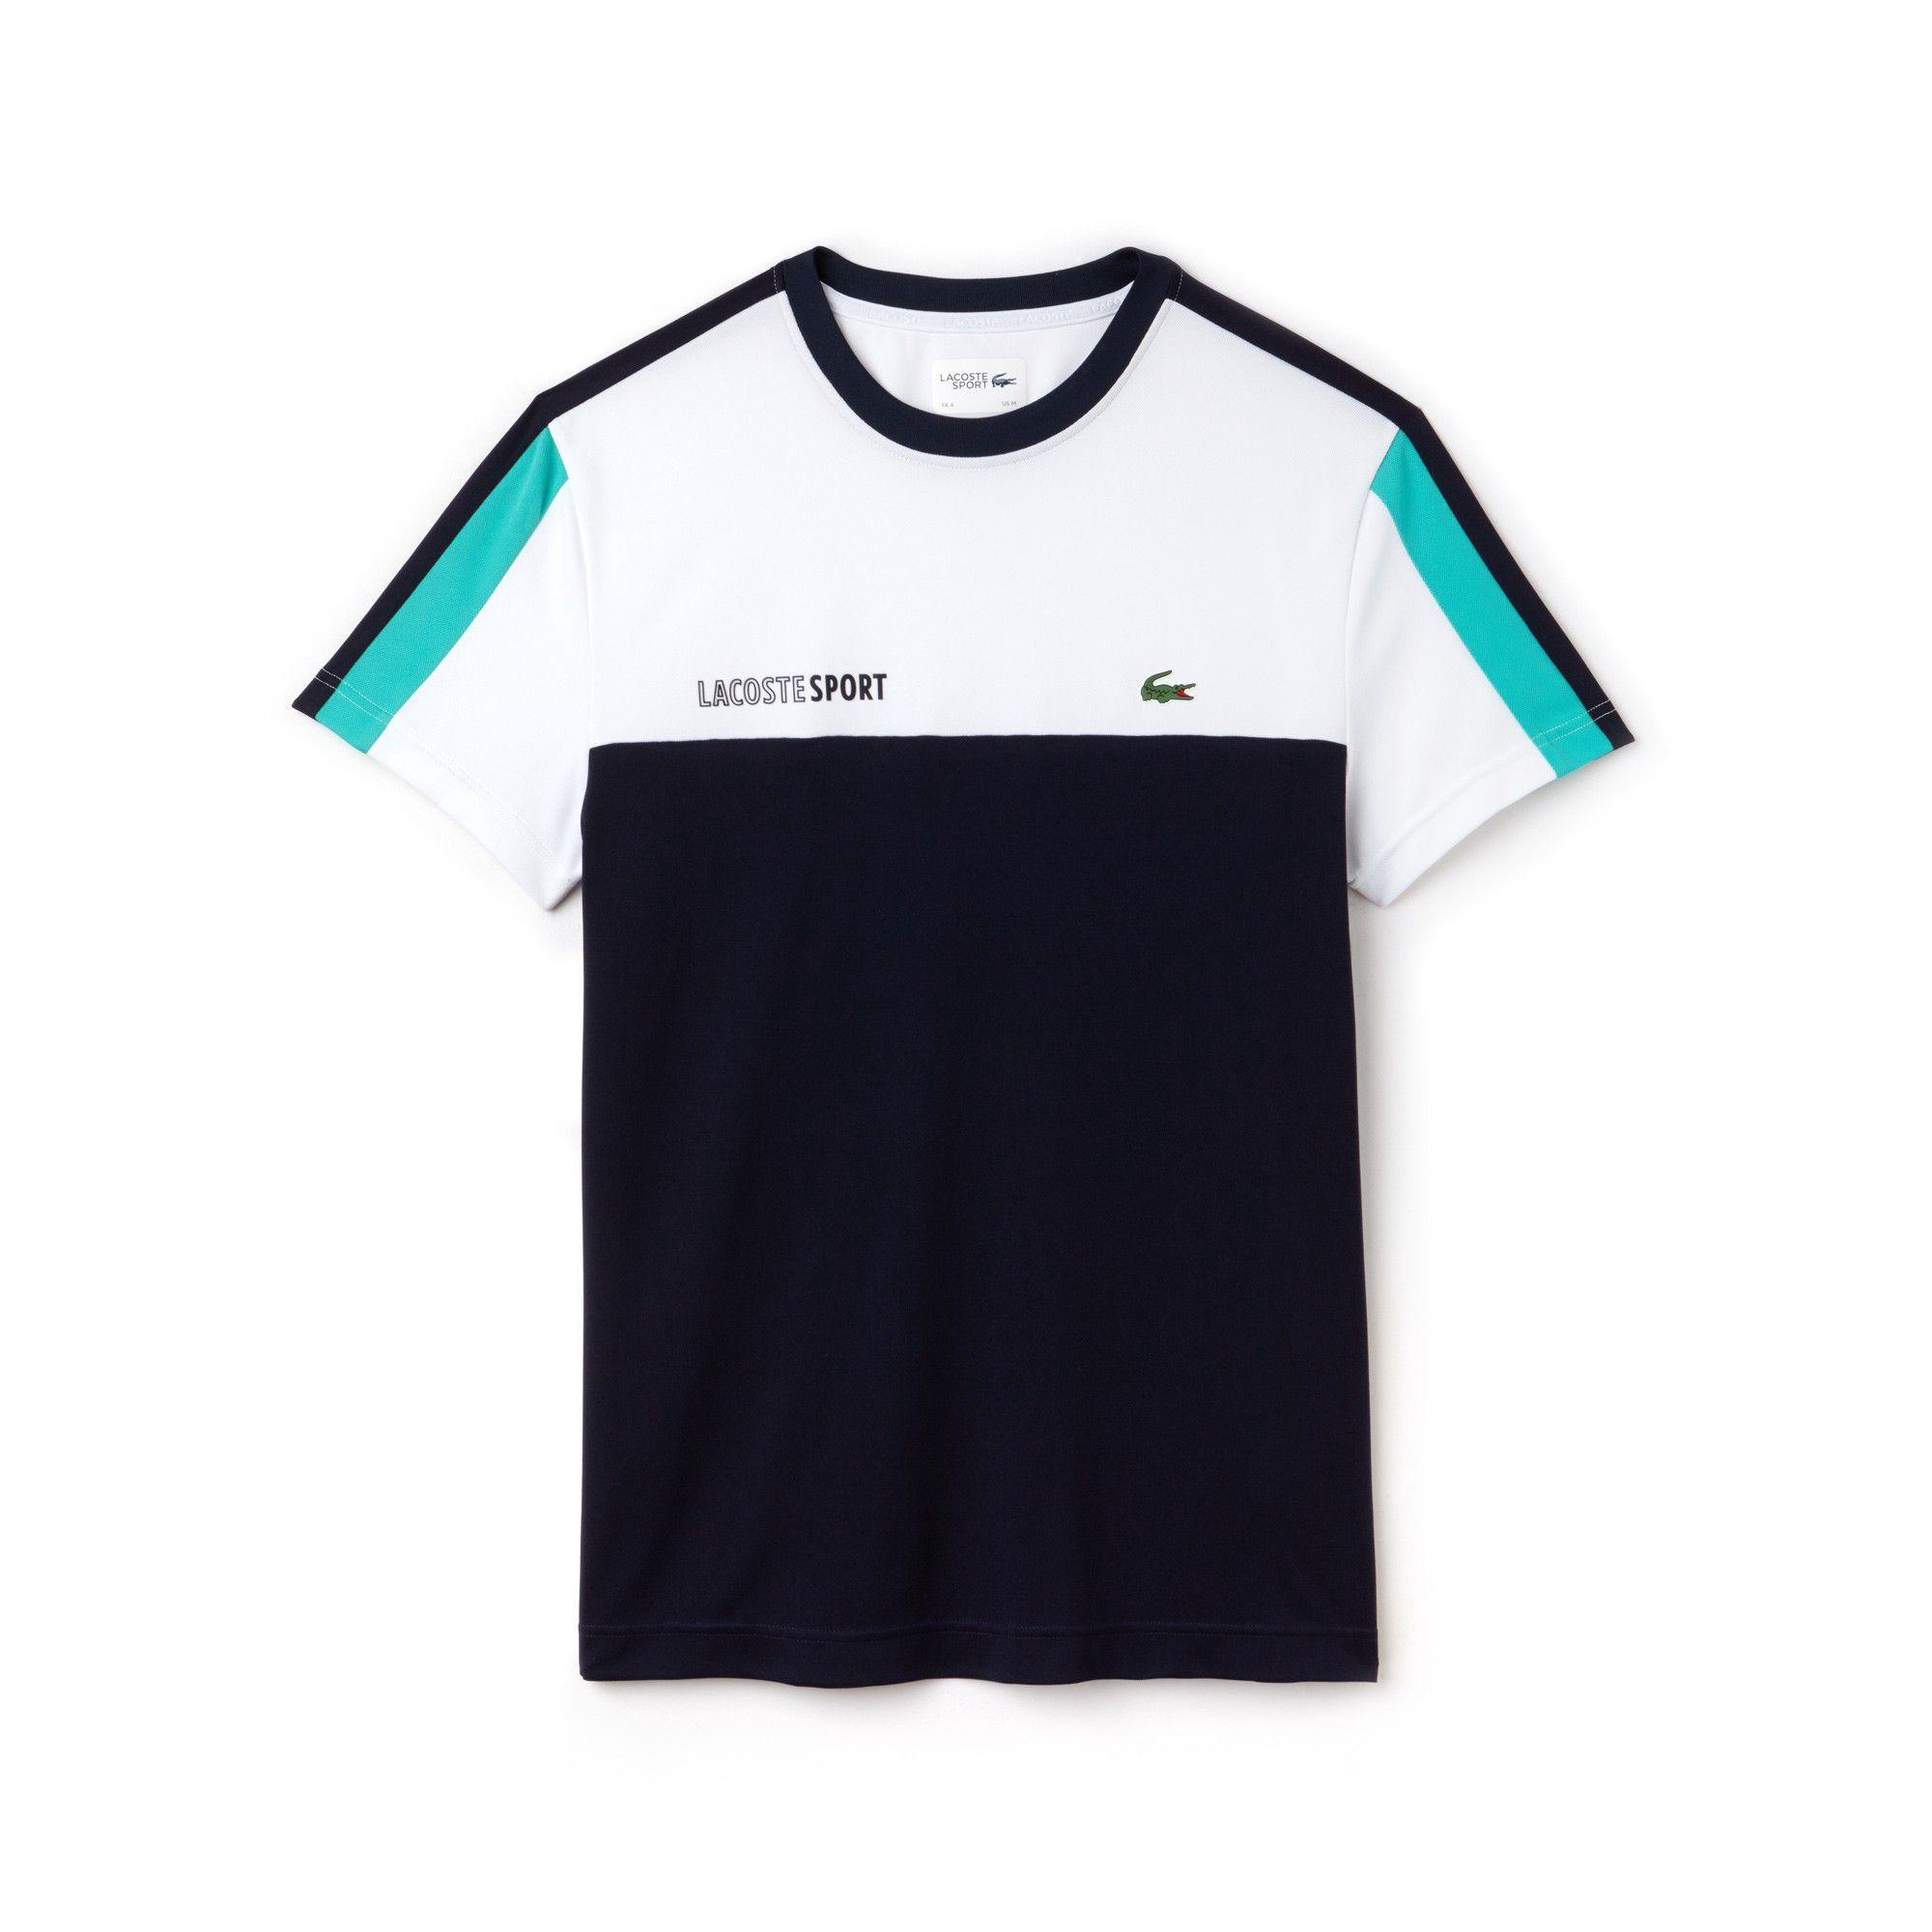 c047843d5 Lacoste Men s Sport Crew Neck Colorblock Piqué Tennis T-Shirt - White Navy  Blue-Papeete Xxl 7 Green